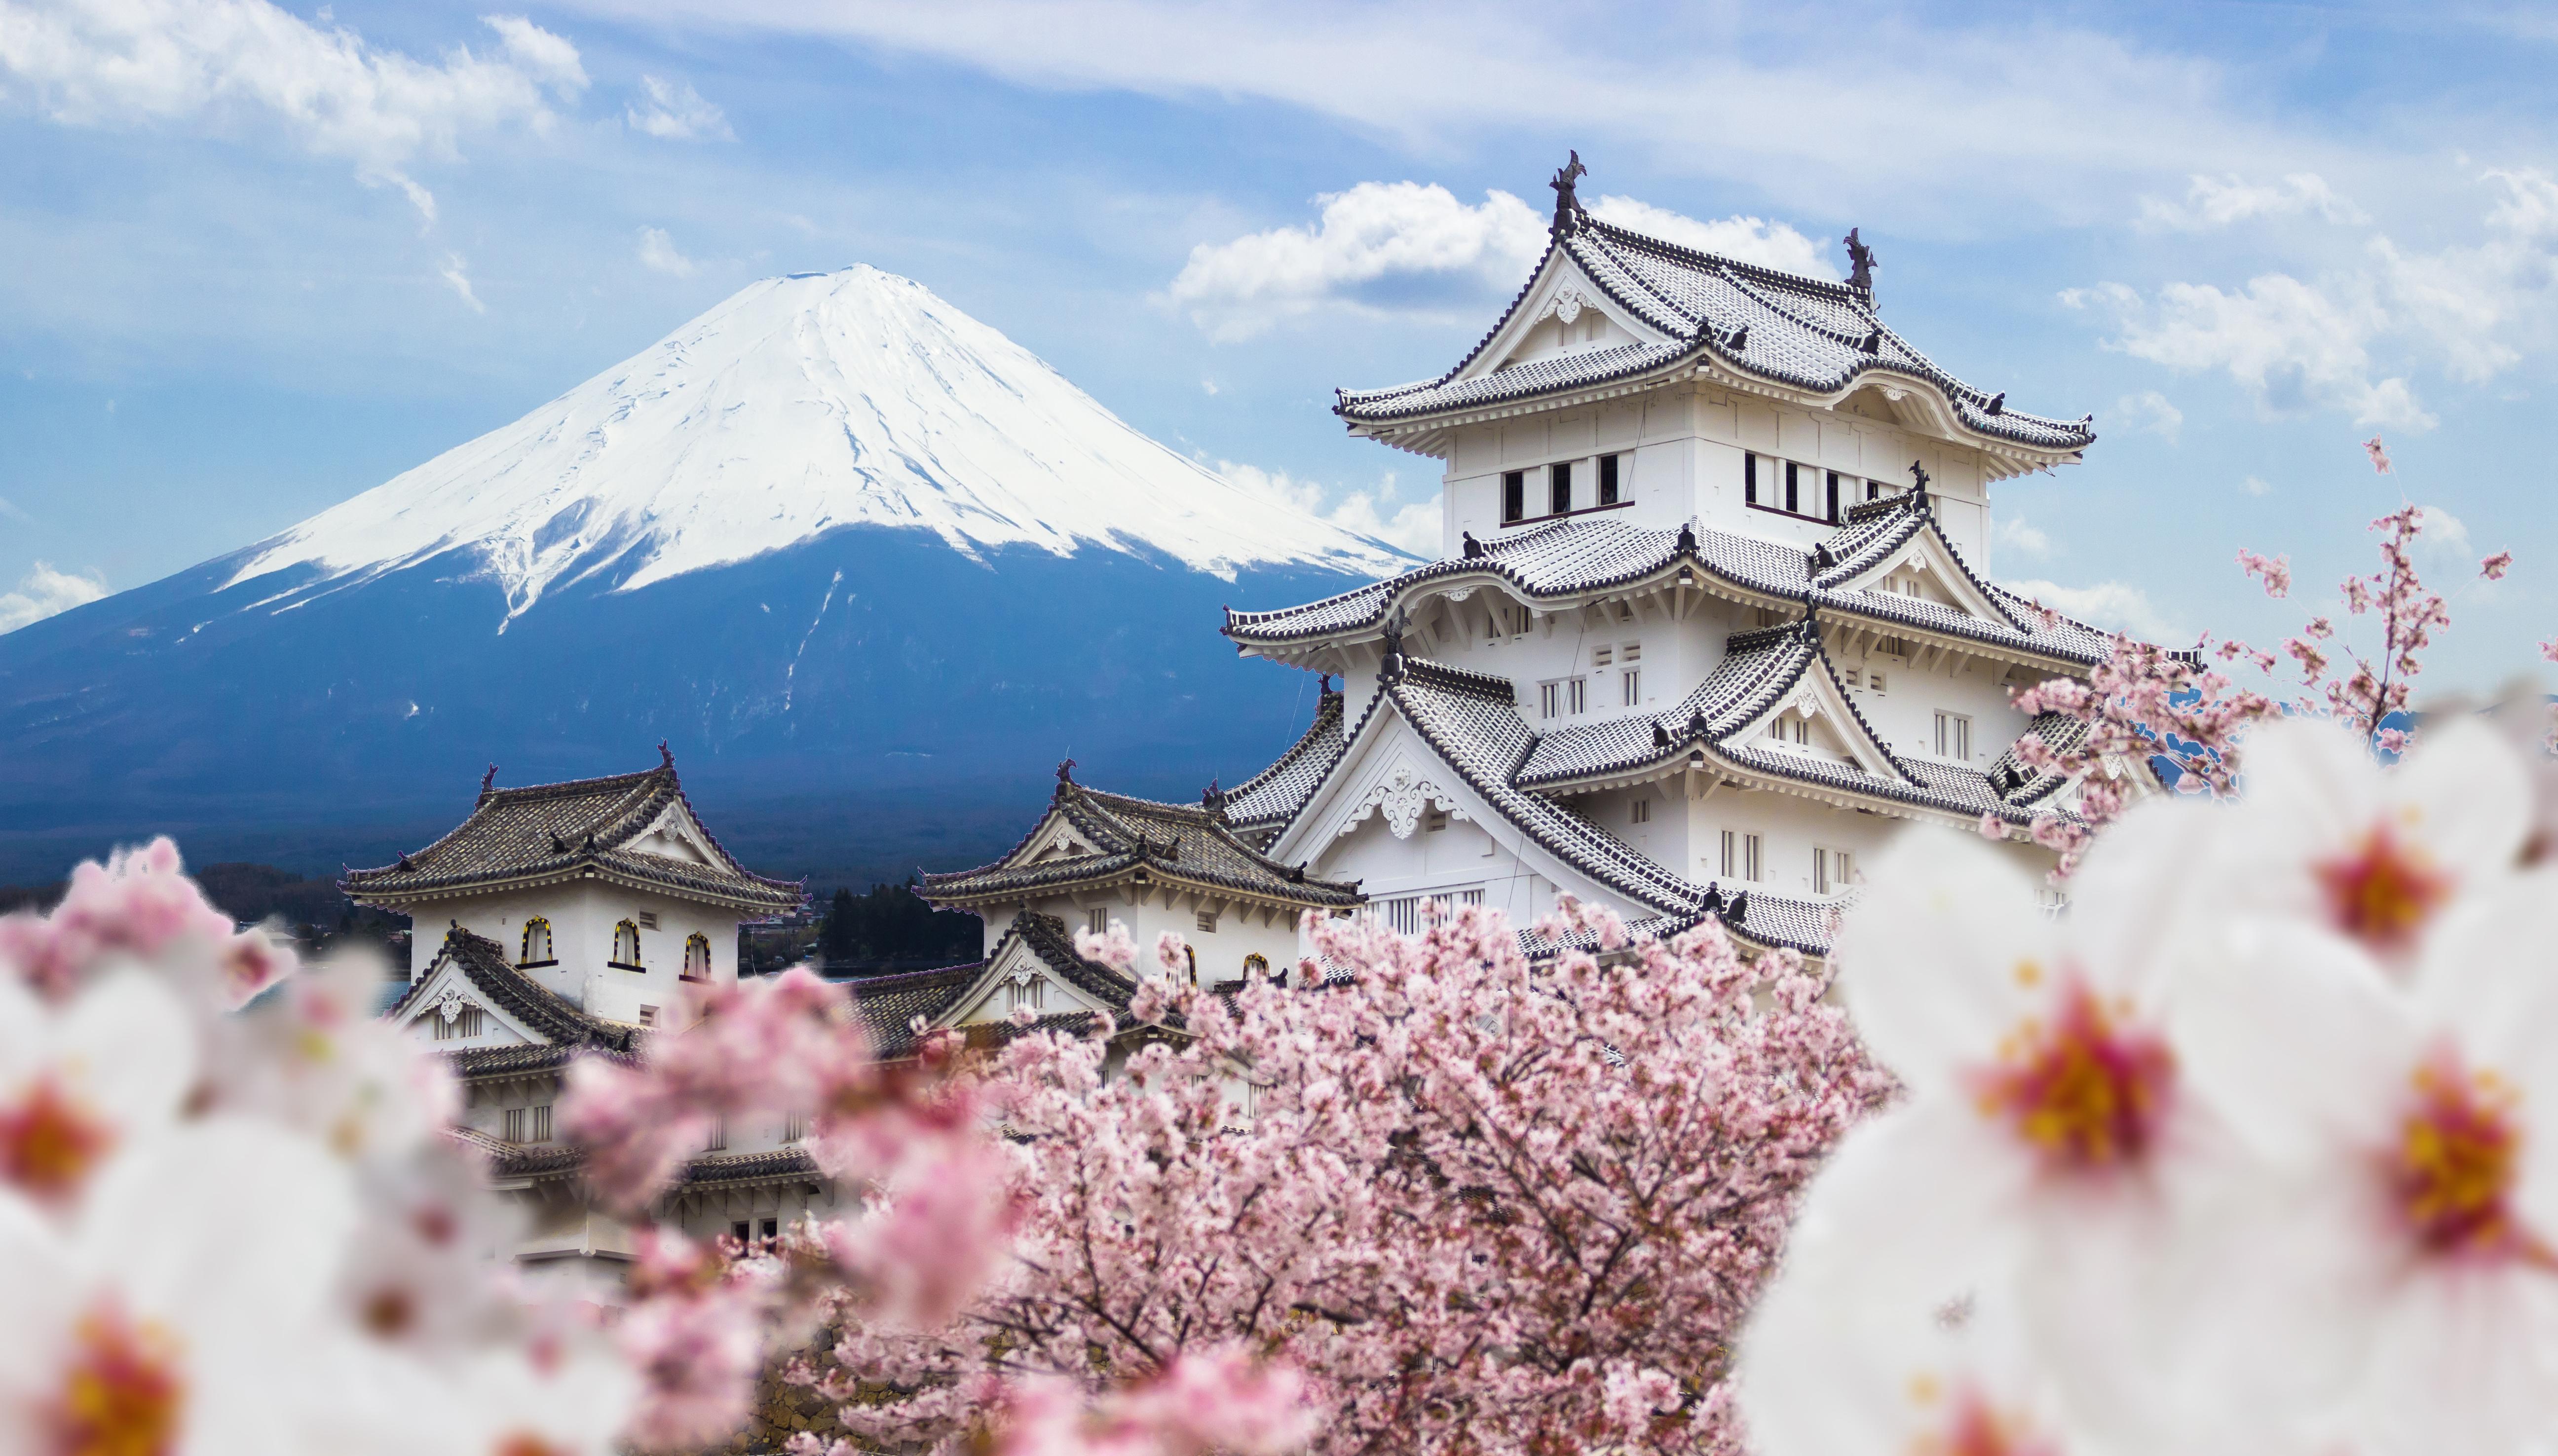 รวมโปรบินญี่ปุ่น ไป-กลับ เริ่มต้นเพียง 8,641 บาท จองตั๋วเครื่องบินราคาประหยัดบน CheapTickets เลย